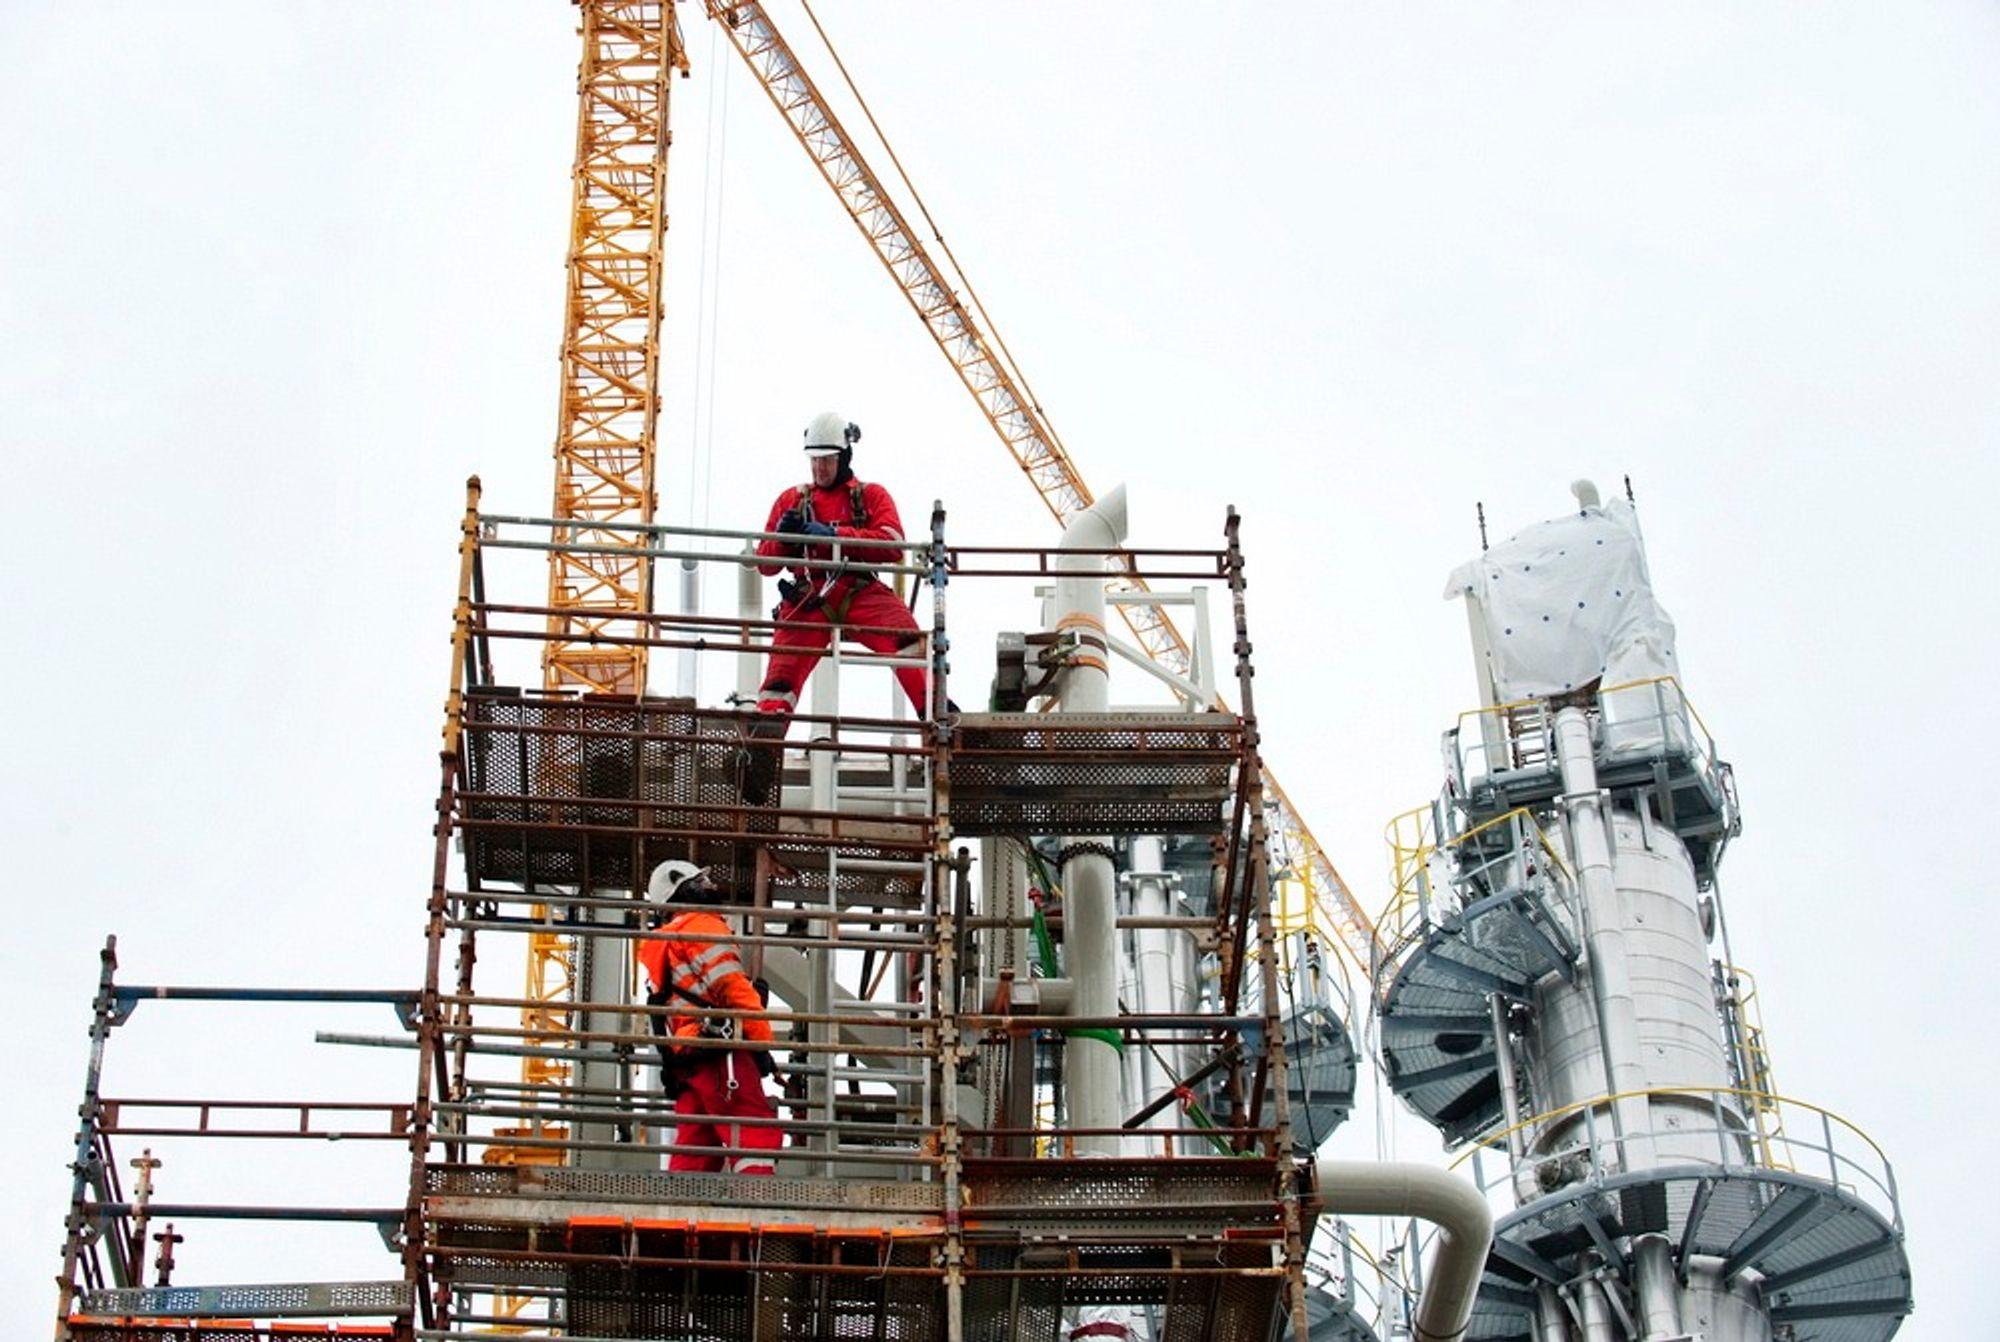 LINDÅS 20110227. Rundt 700 personer er i arbeid med å bygge testanlegget for CO2-rensing på Mongstad nå. Mot slutten av året kommer testingen av den ene rensemetoden i gang, og tidlig neste år skal hele anlegget være i drift.   Foto: Marit Hommedal / SCANPIX